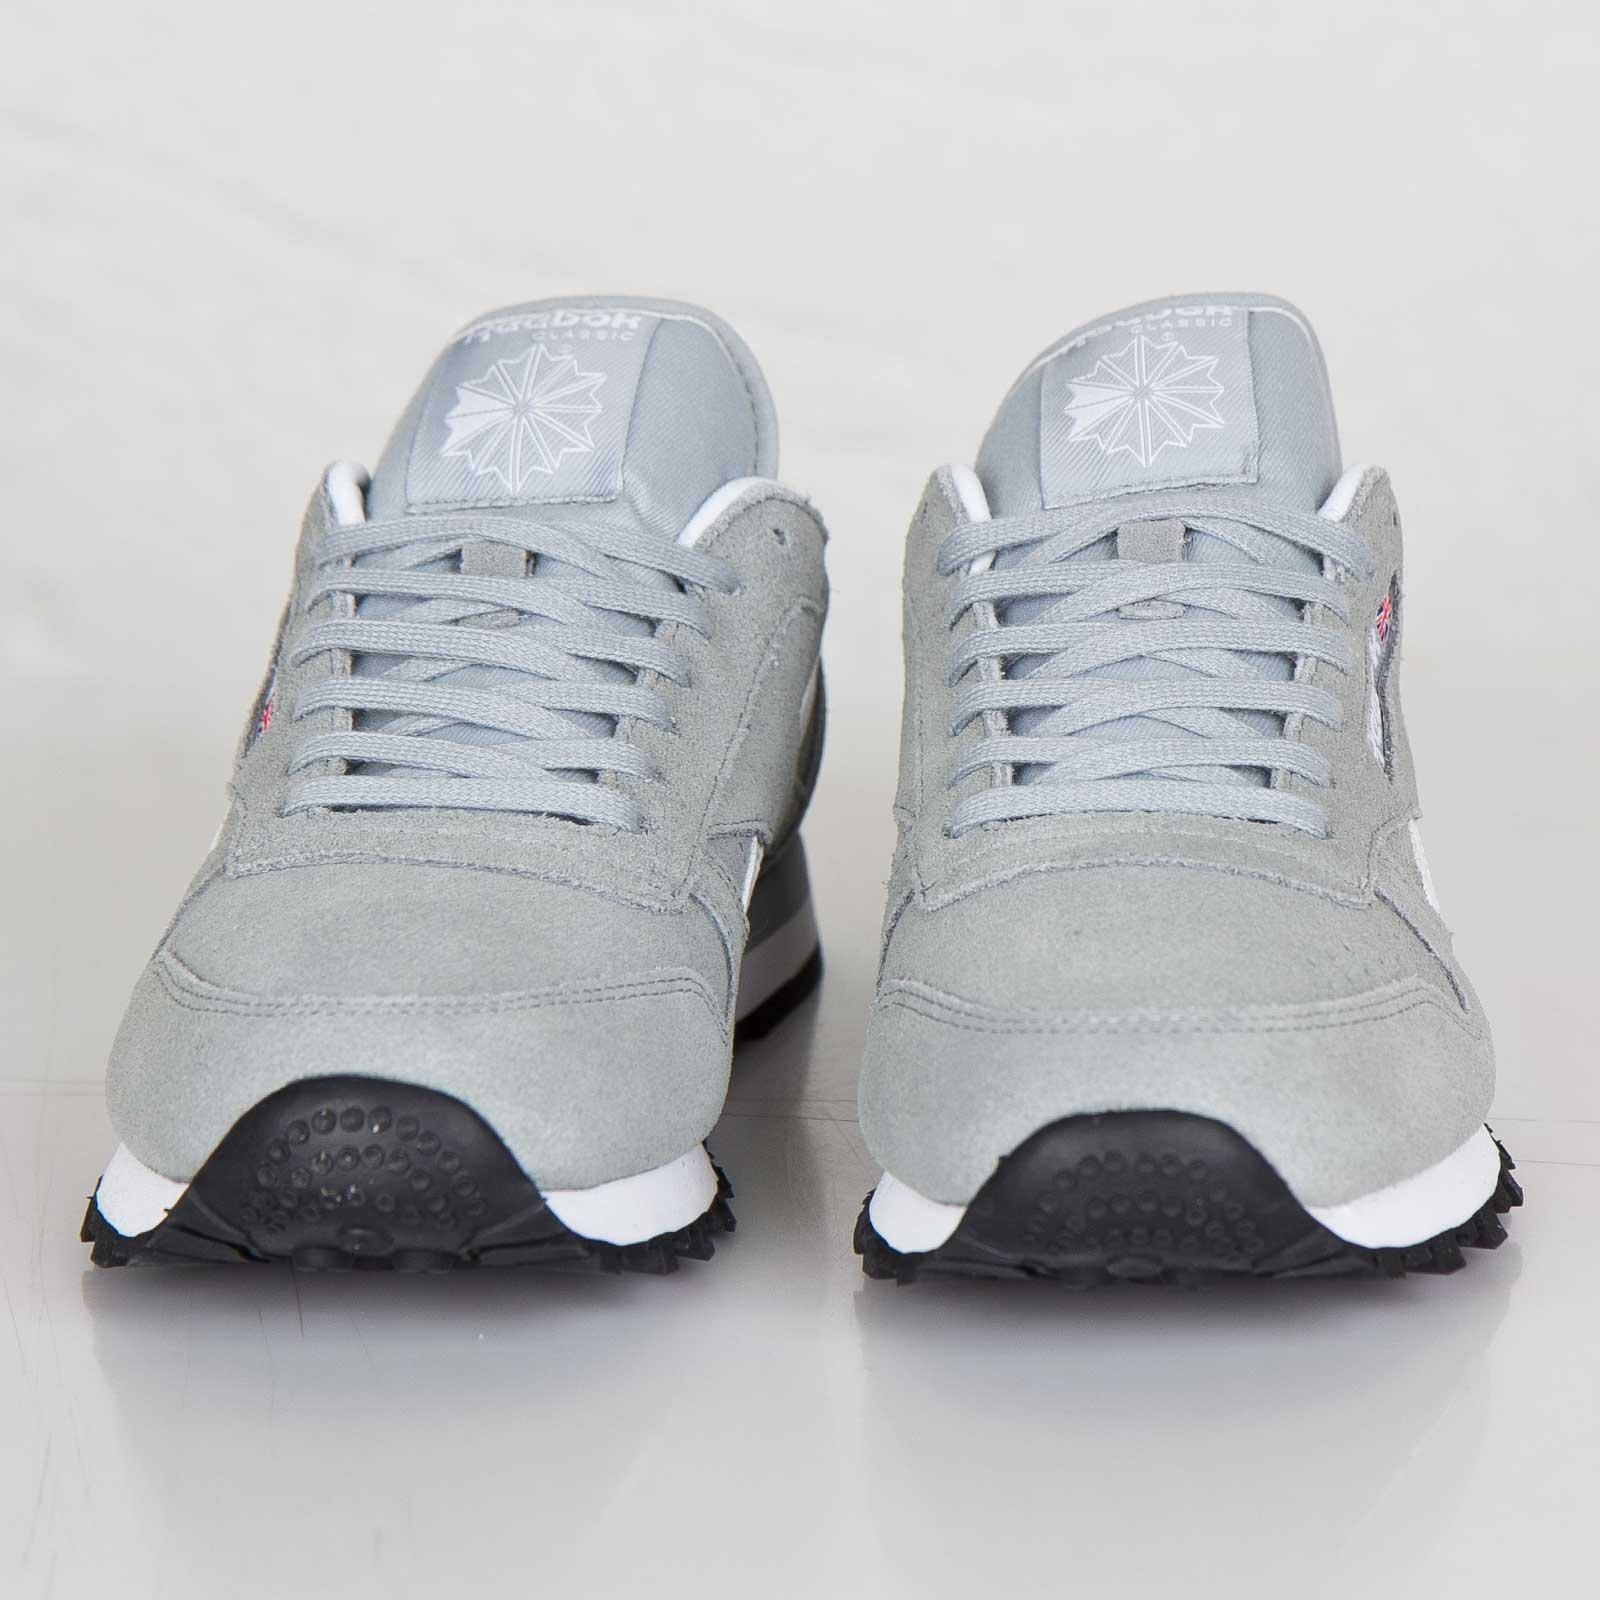 6c54aa8c8 Reebok Classic Leather Suede - M43017 - Sneakersnstuff | sneakers &  streetwear online since 1999